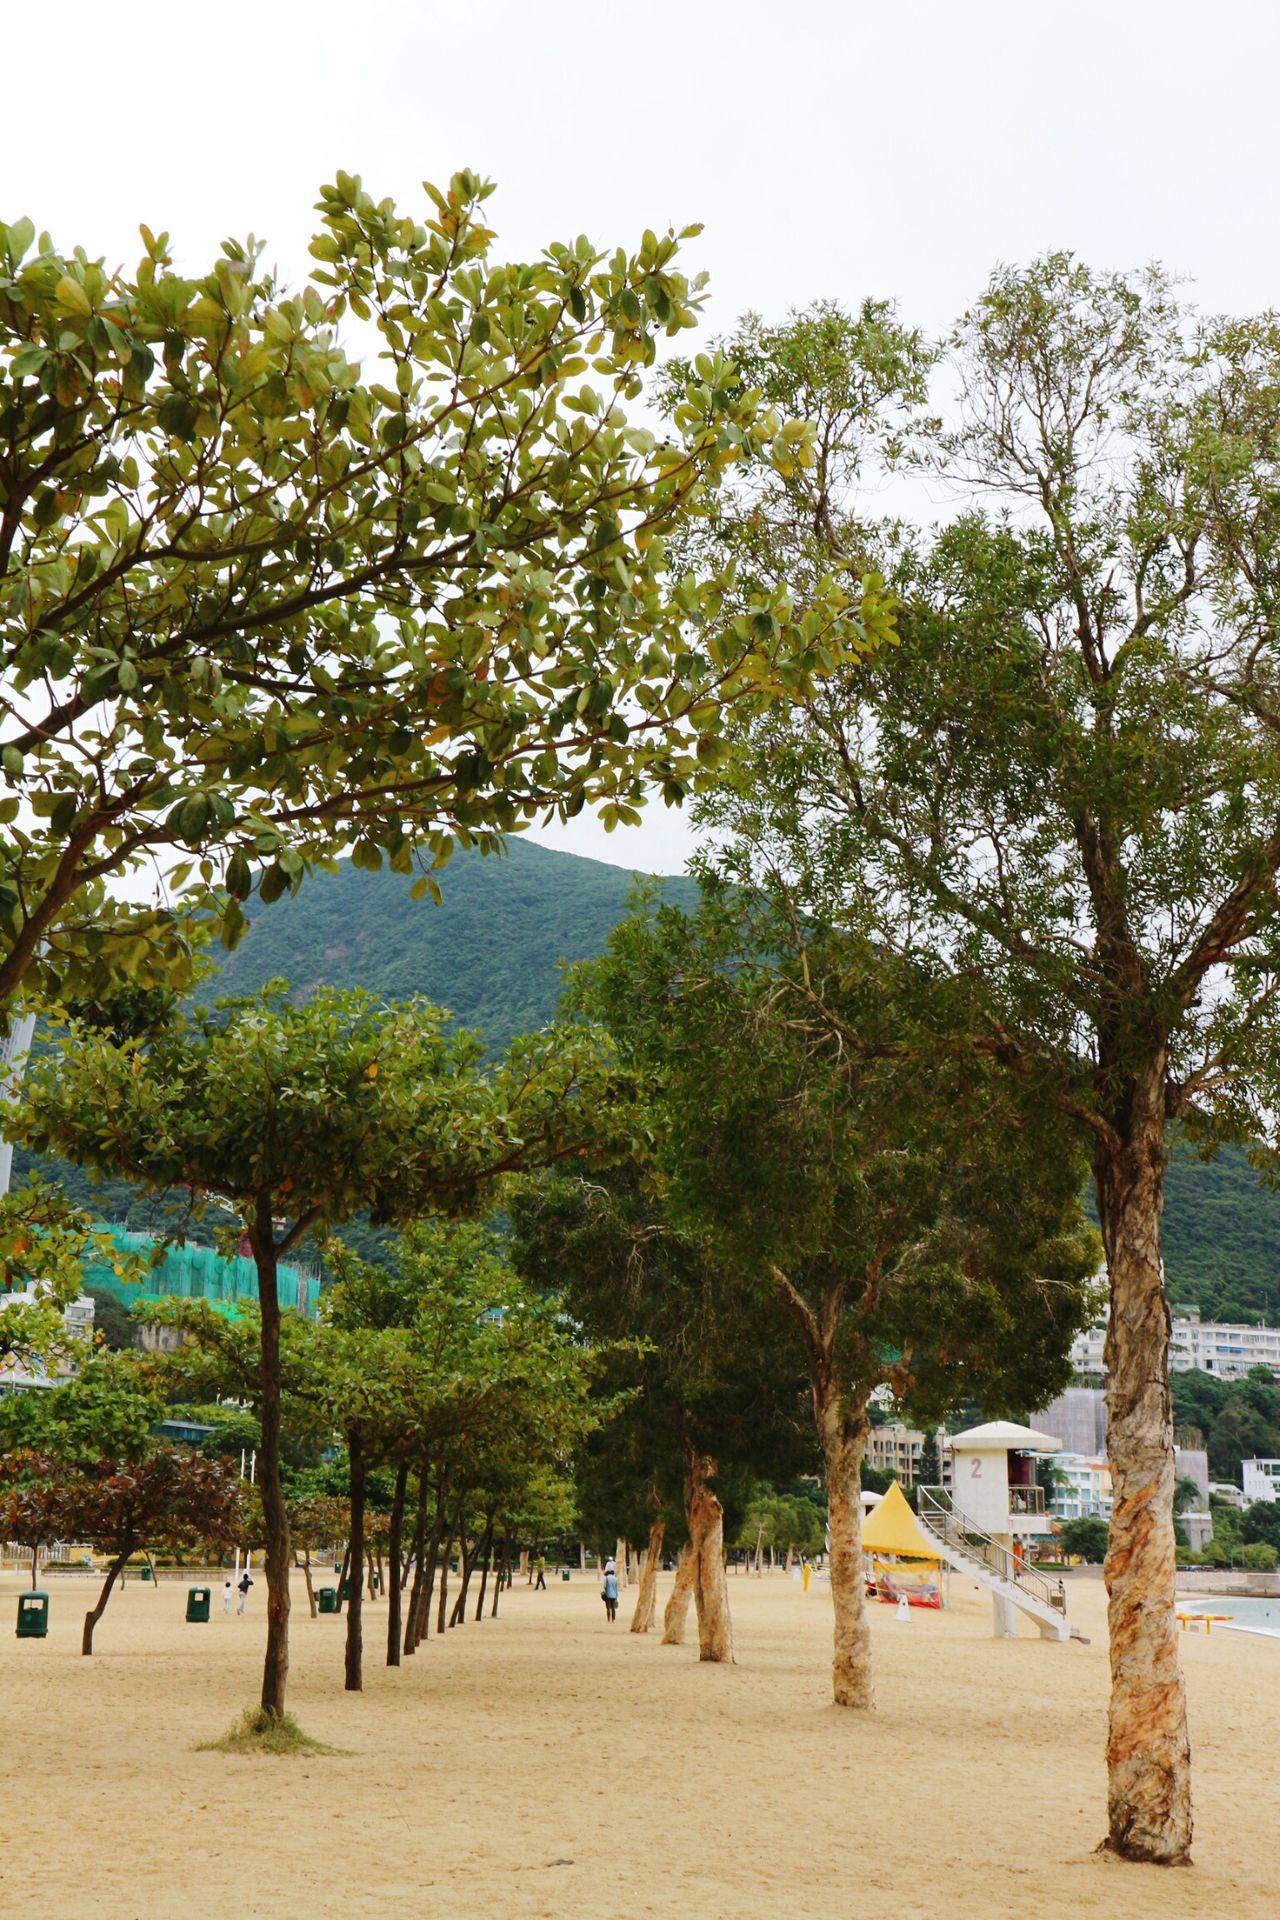 Repulse Bay Tree Nature Travel Destinations Beach Enjoy The New Normal Hongkongtrip My Year My View Hongkong Photos HongKong Hongkongphotography Exploring Style Repulse Bay Repulsebay